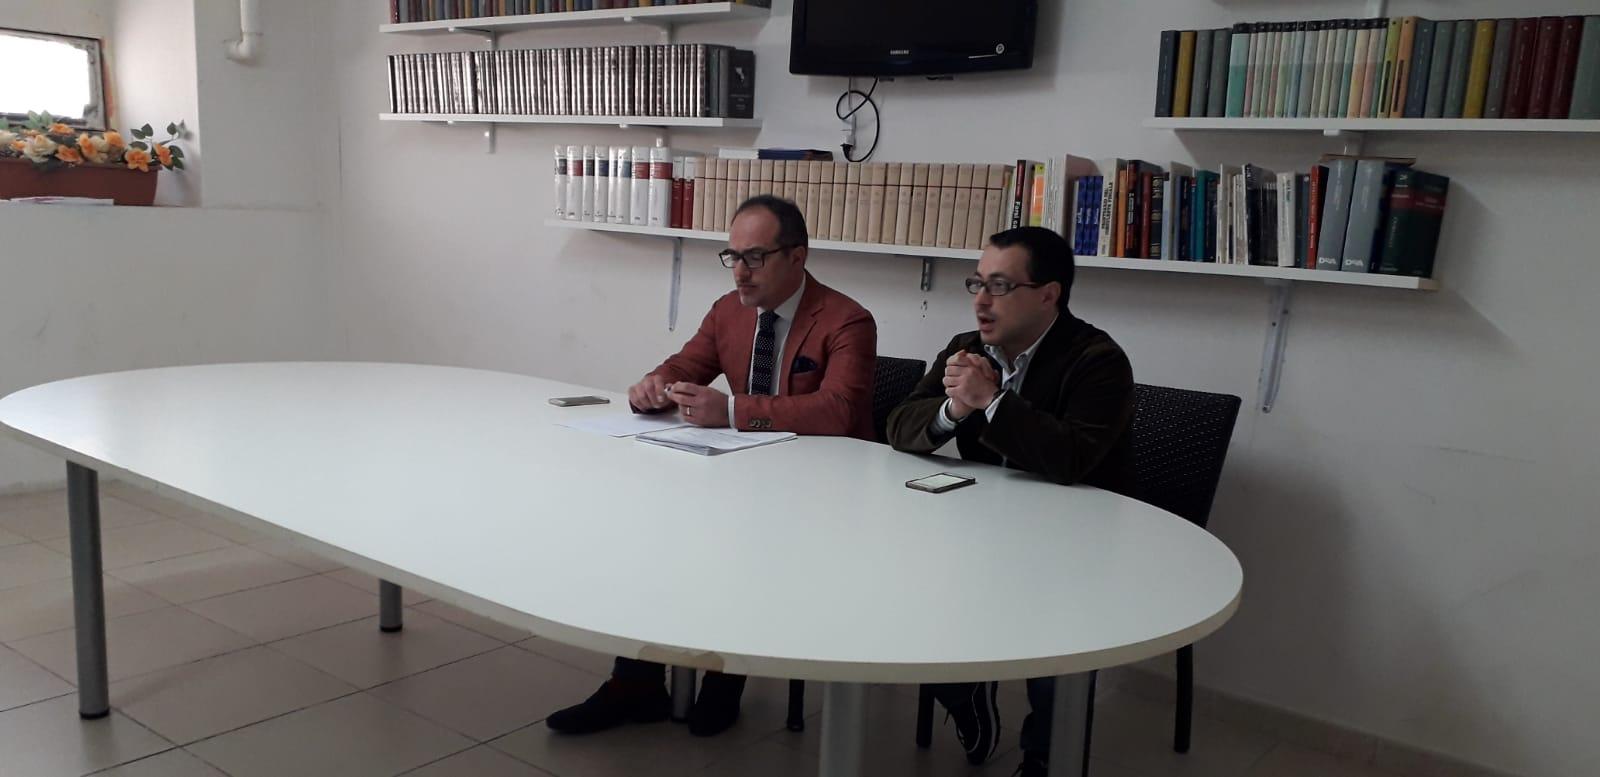 Management S. Pio, IOXBenevento: mancanza di lucidità ed evidente approssimazione a discapito del Sannio